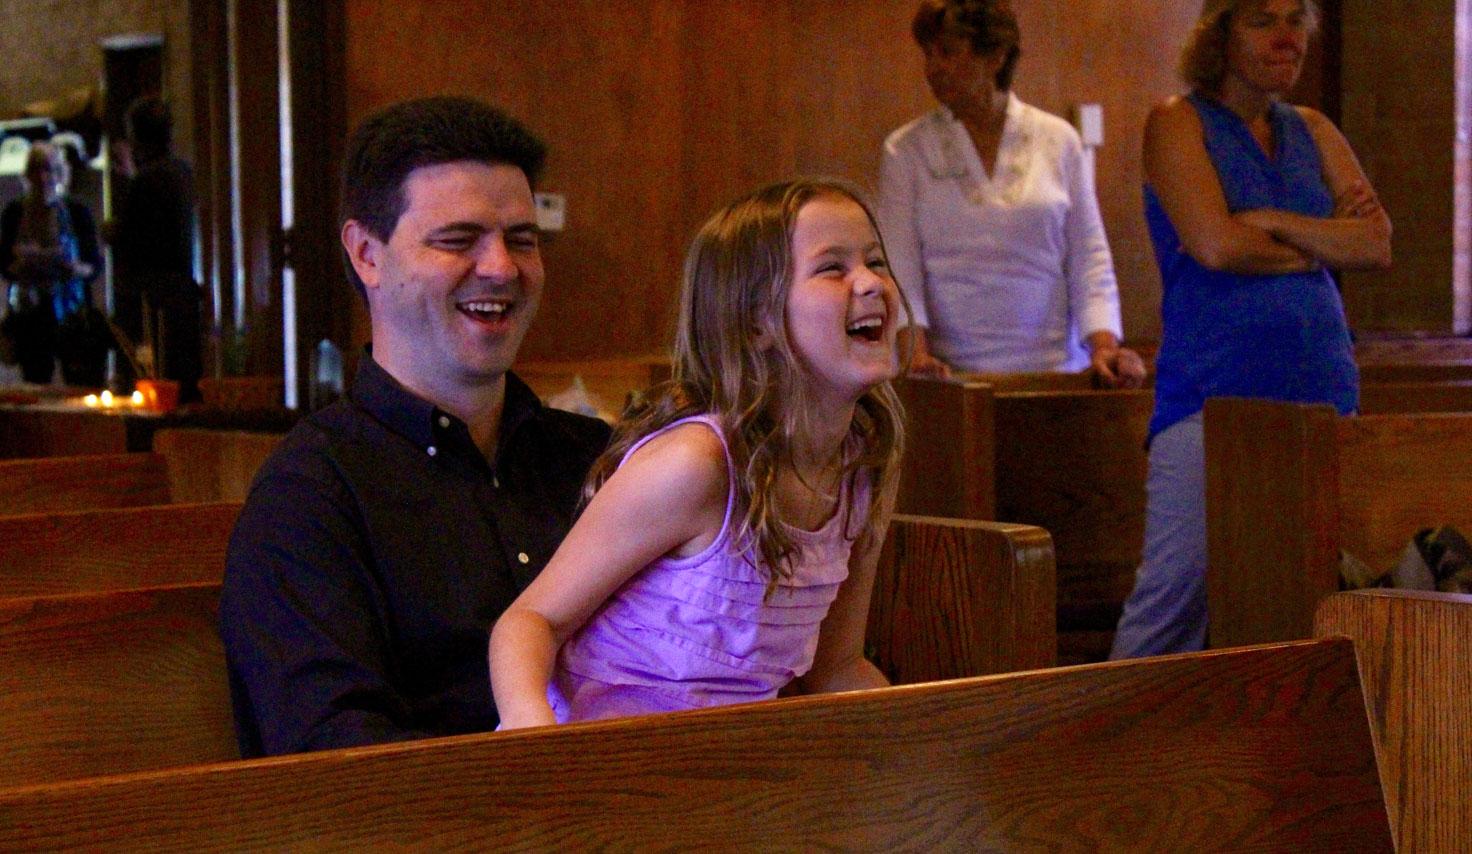 Napa Methodist Church Fusion worship with Austin and Mira Eikenberry